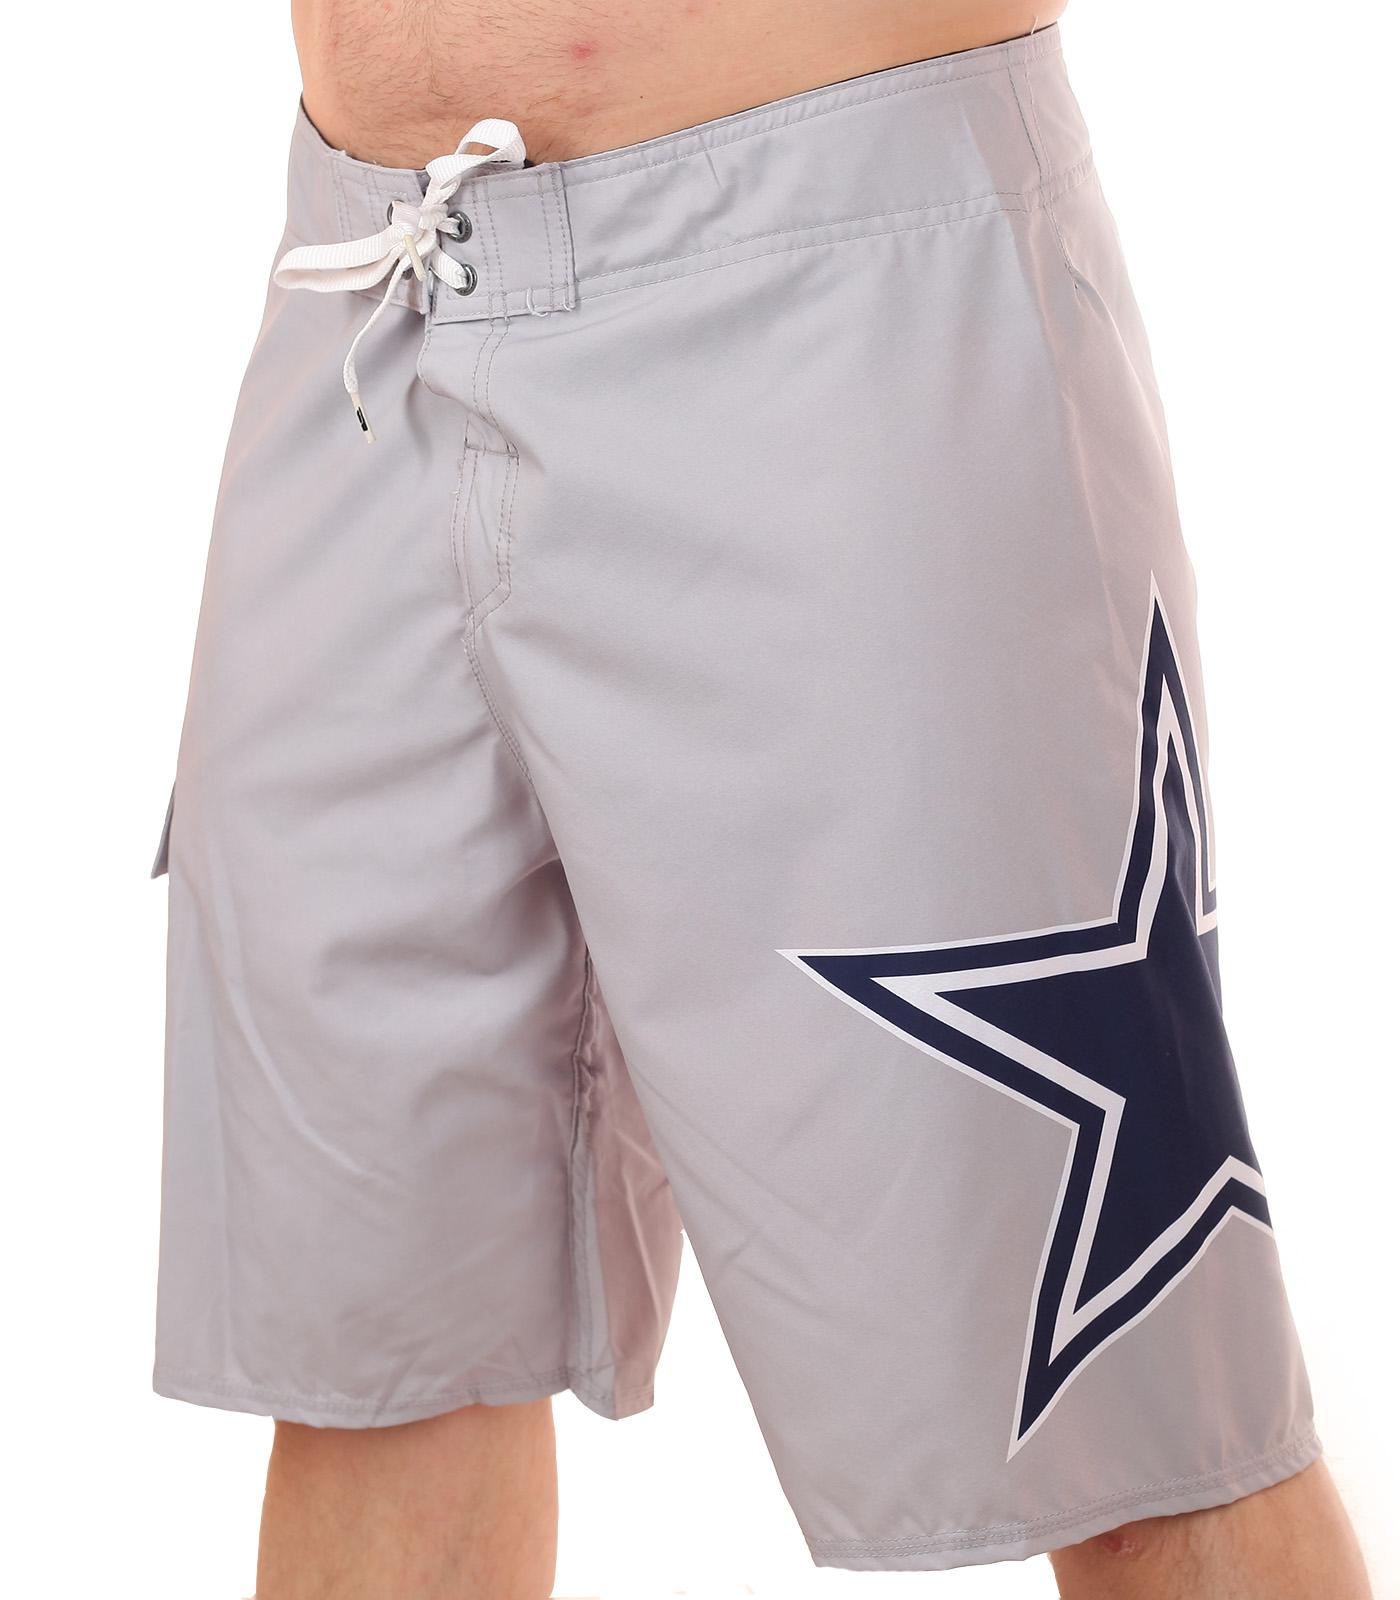 Топовые бордшорты с логотипом футбольного клуба НФЛ Dallas Cowboys